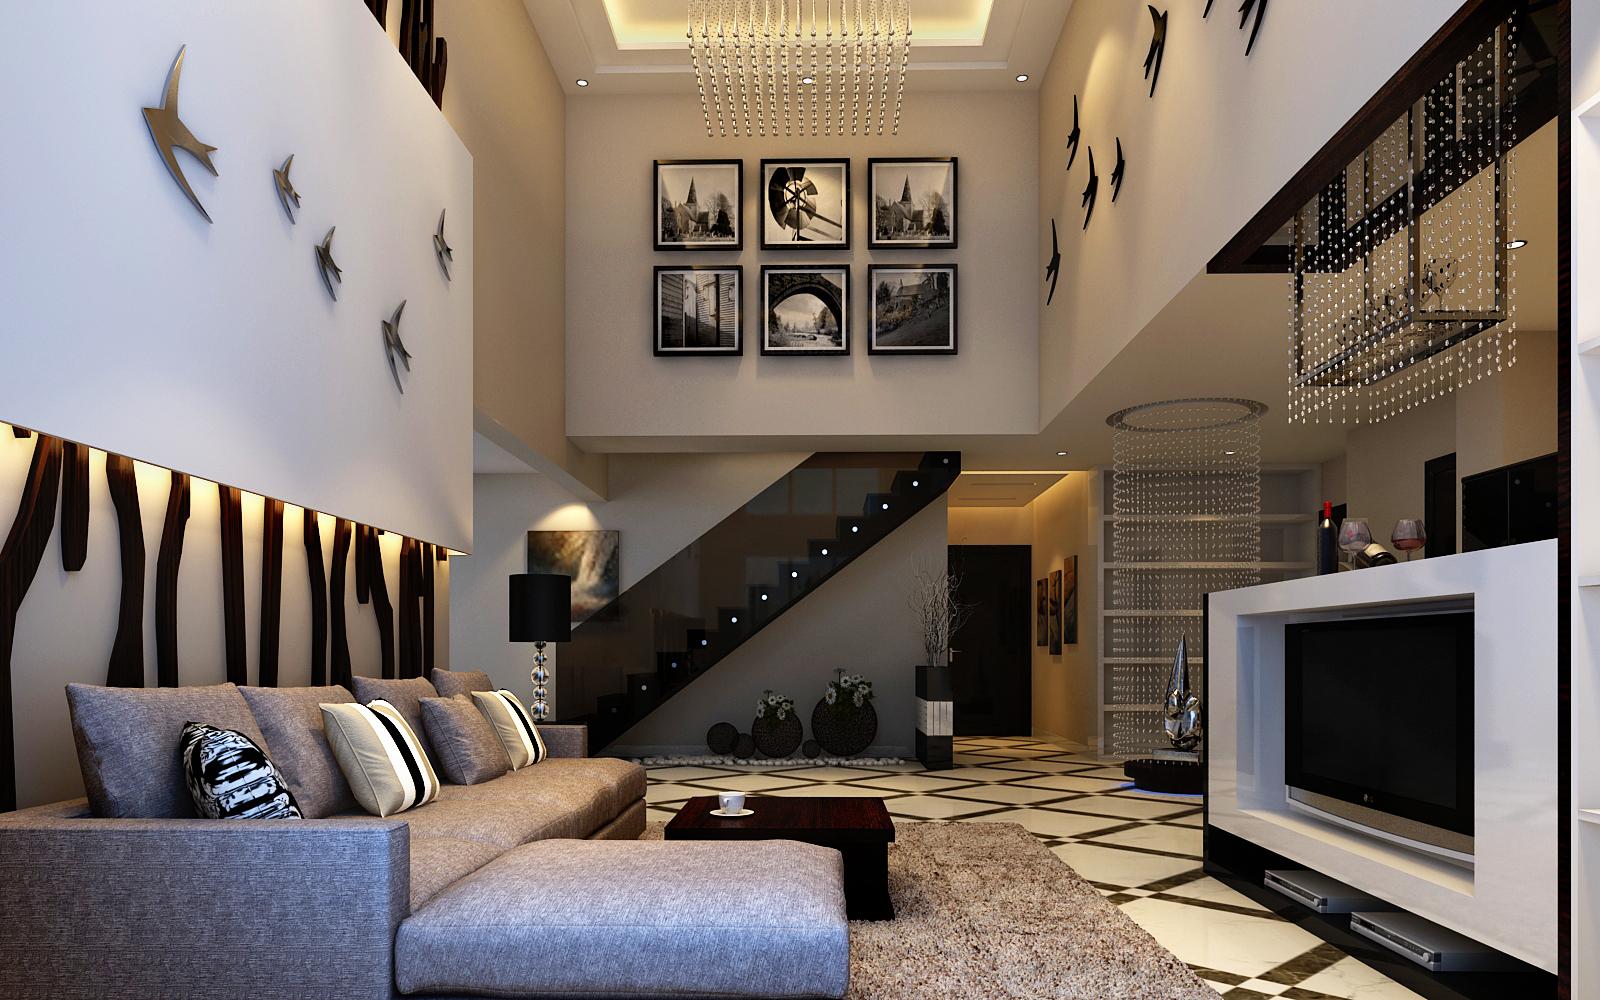 简约 别墅 客厅图片来自实创装饰上海公司在减法原则简约风格设计的分享